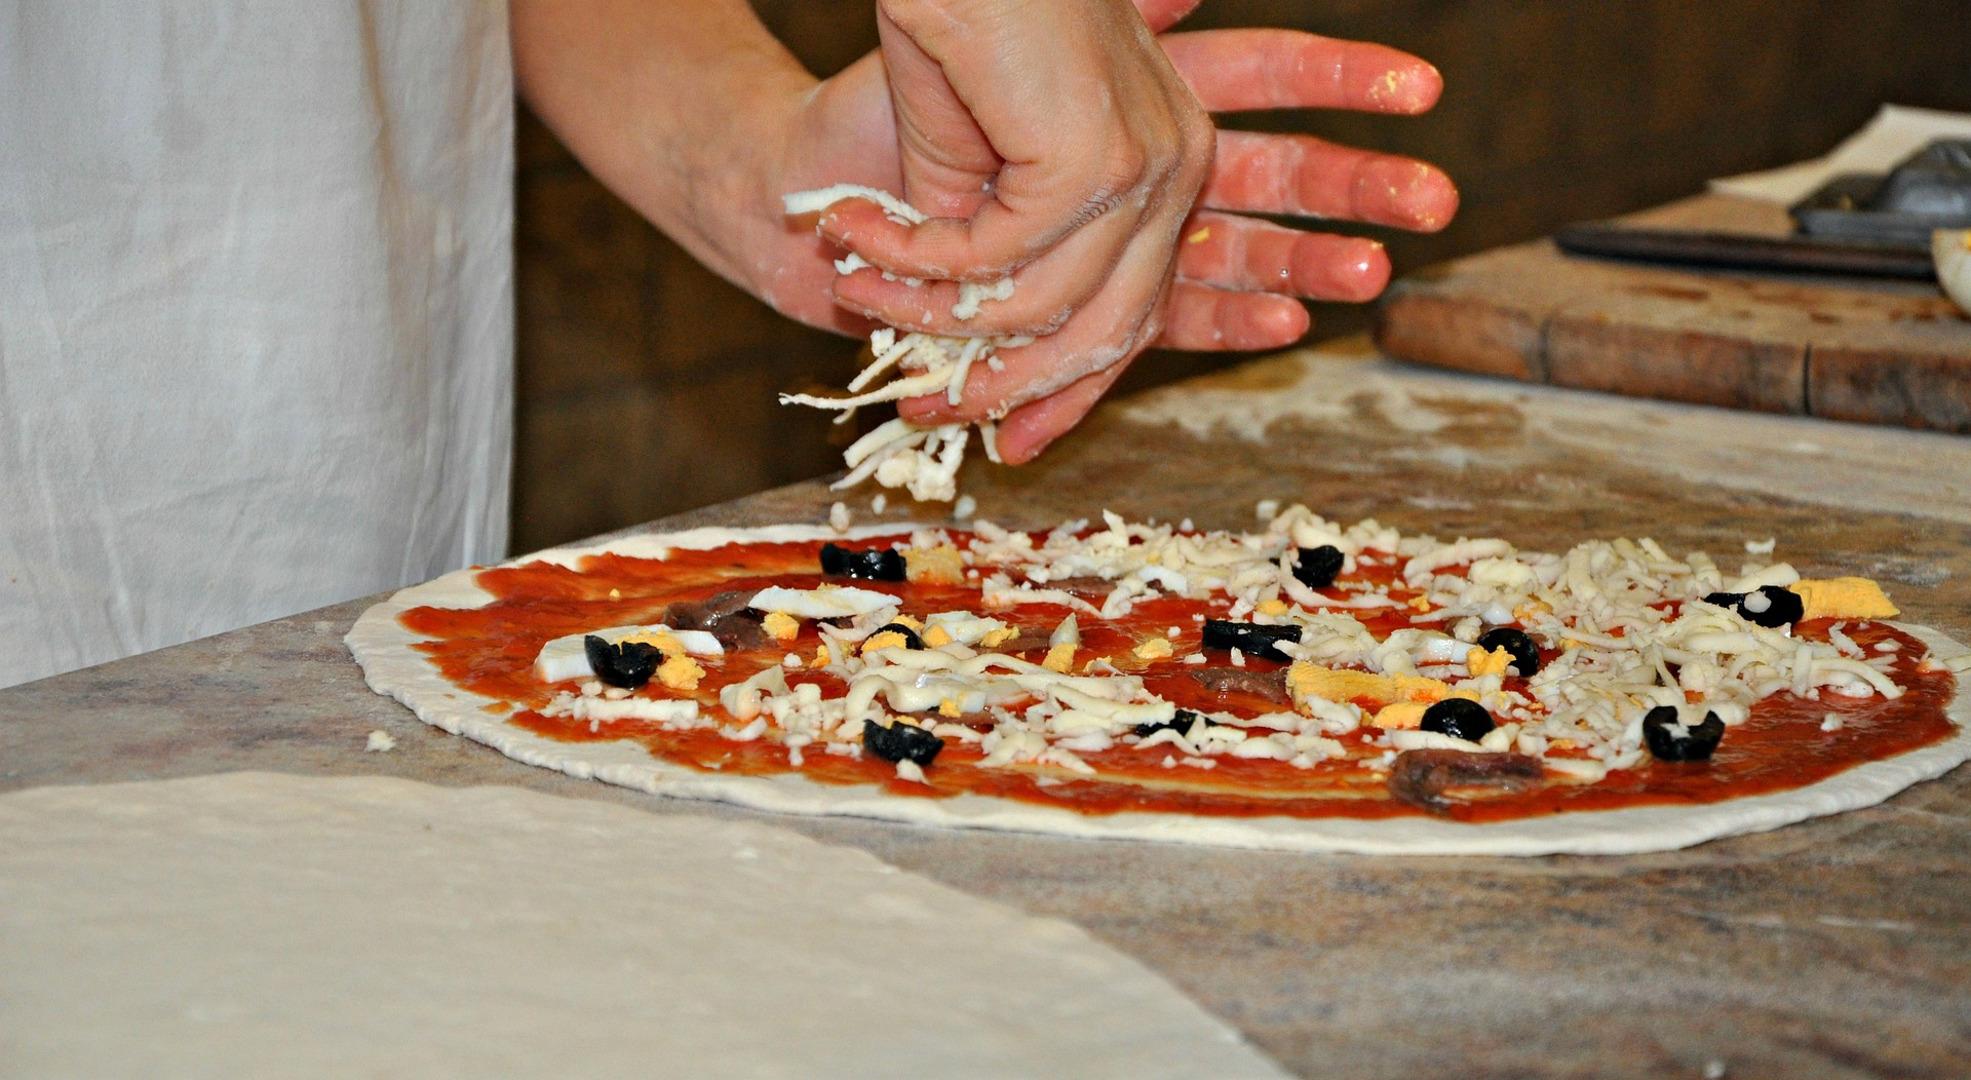 Se acerca el Campeonato Mundial de la Pizza 2017 1920